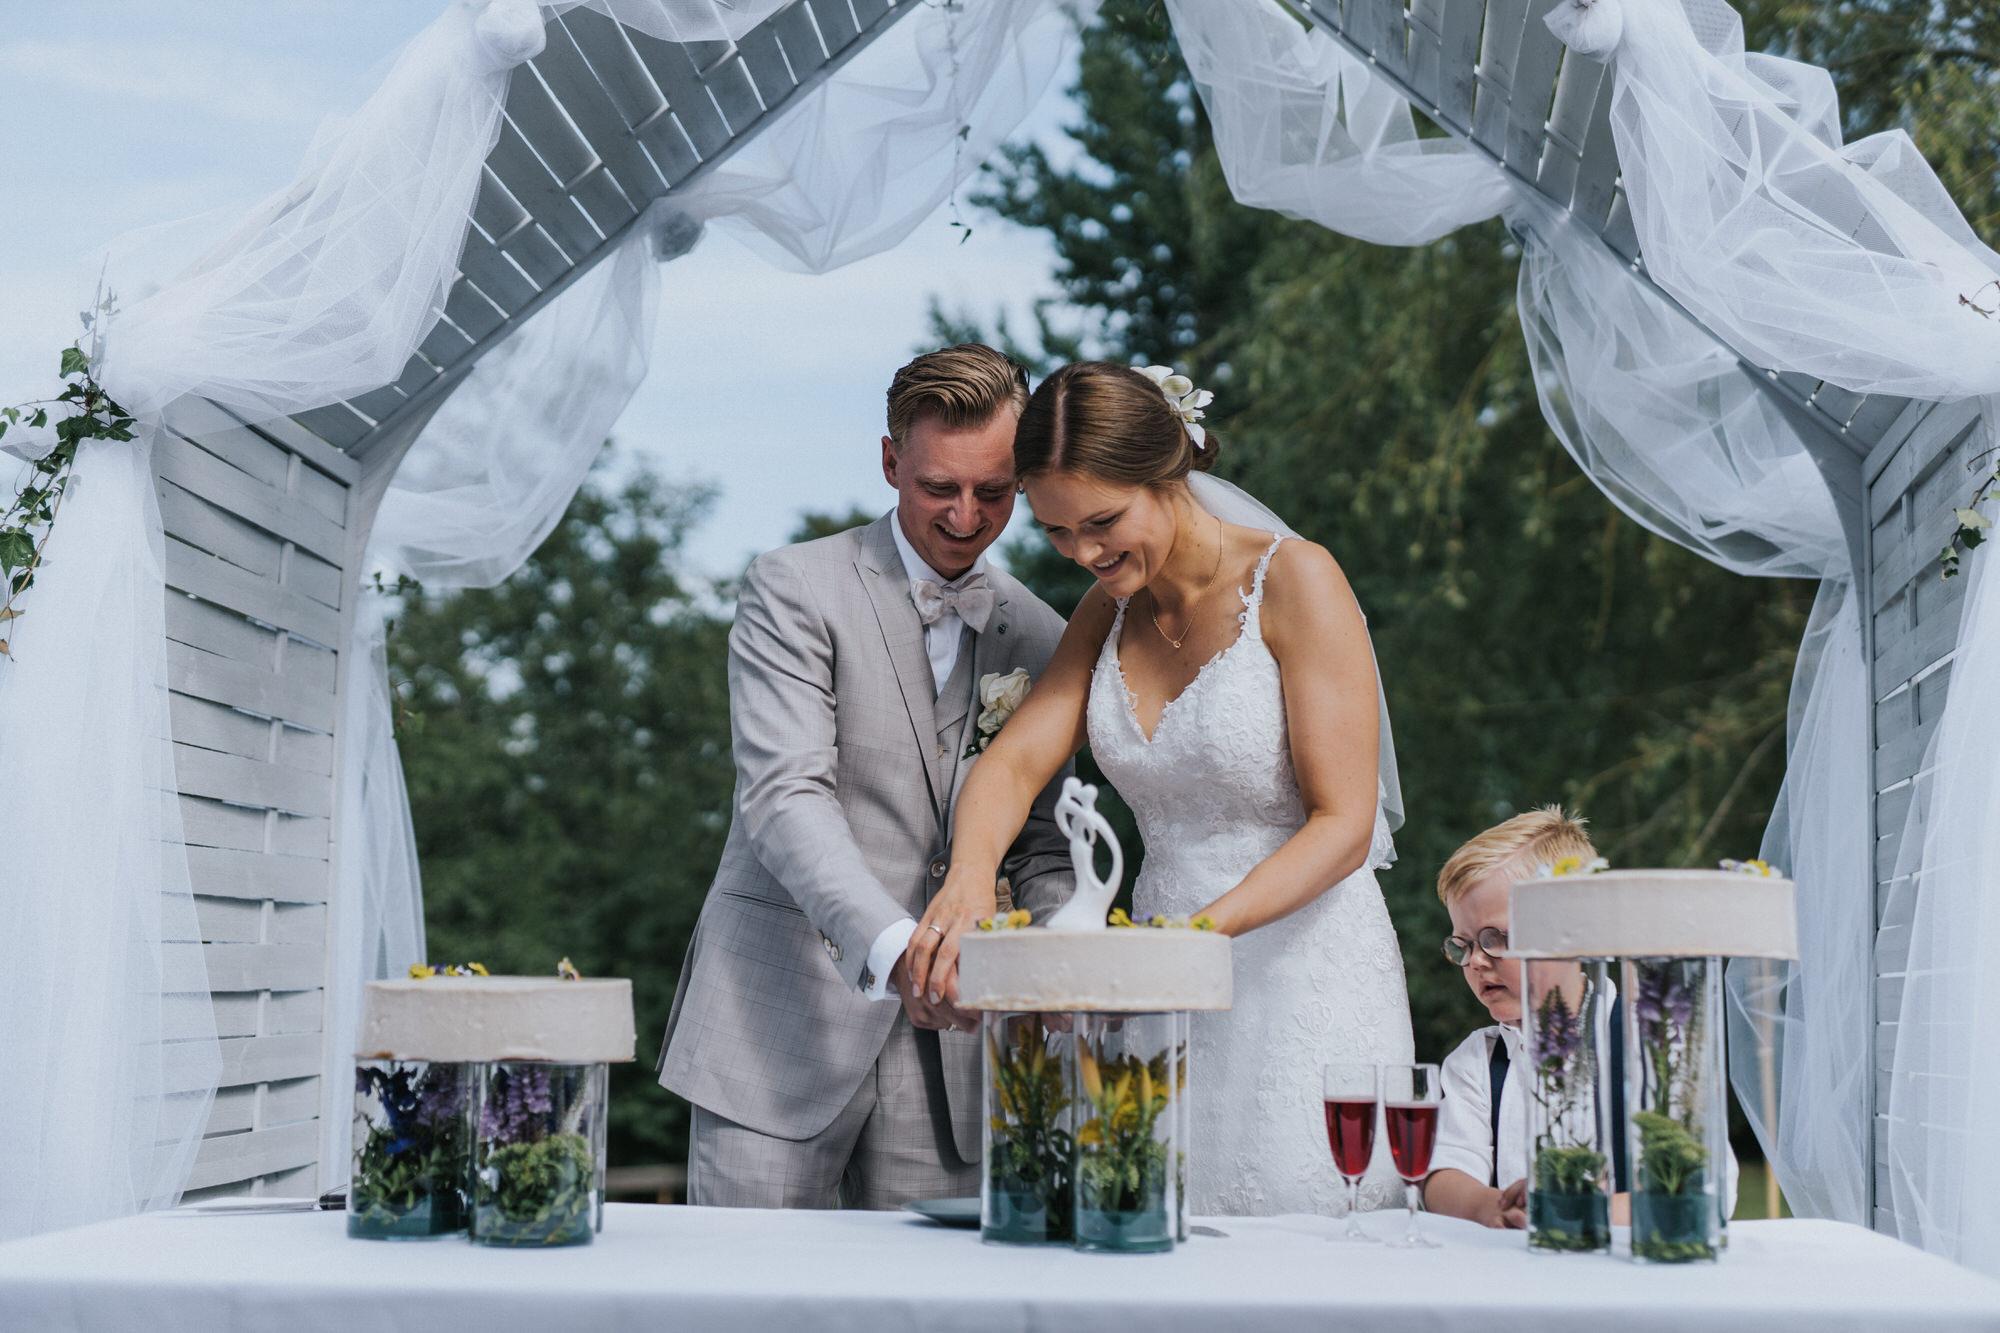 Bryllupsfest hvor der ikke må mangle noget